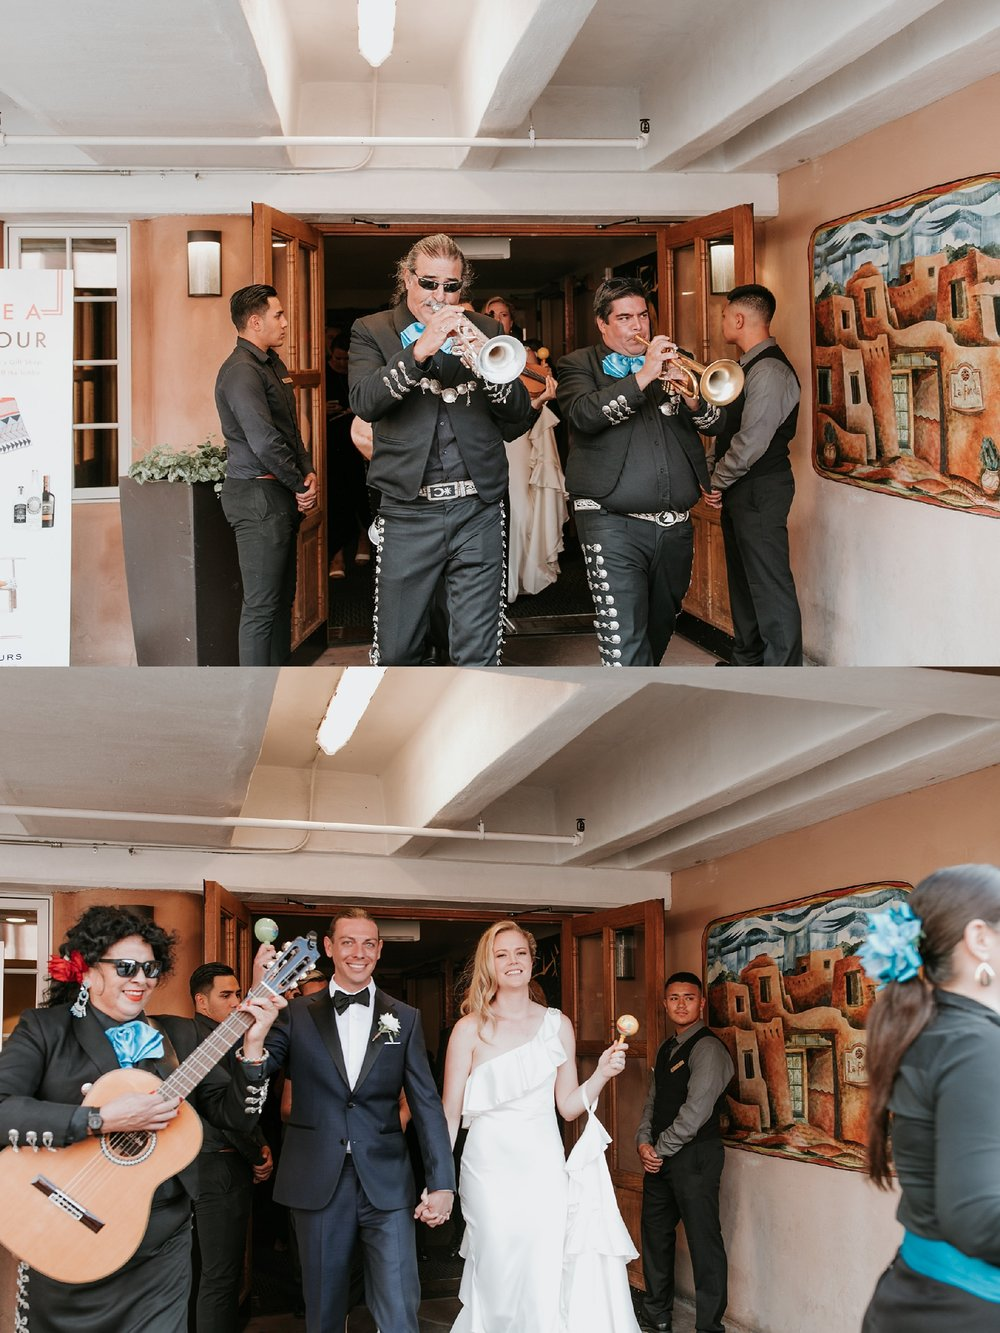 Alicia+lucia+photography+-+albuquerque+wedding+photographer+-+santa+fe+wedding+photography+-+new+mexico+wedding+photographer+-+new+mexico+wedding+-+santa+fe+wedding+-+albuquerque+wedding+-+southwest+wedding+traditions_0069.jpg